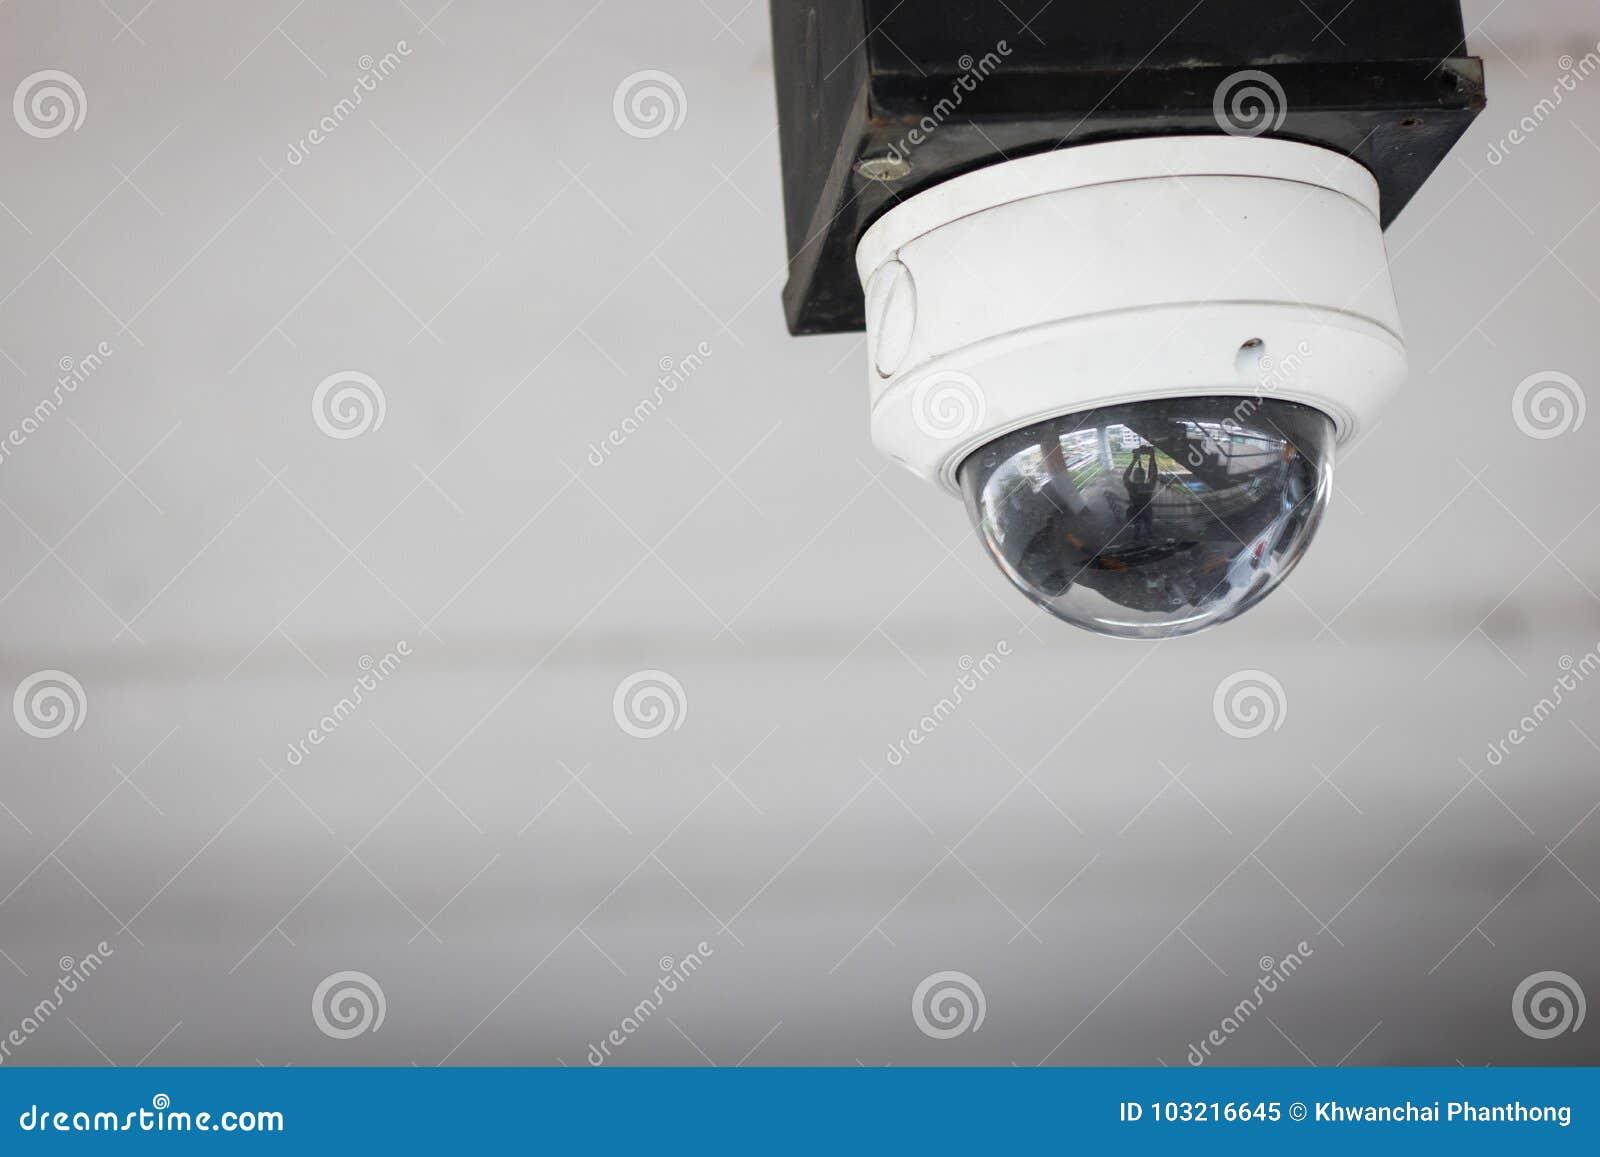 Circuito Cerrado : Televisión de circuito cerrado cámara cctv o vigilancia s de la